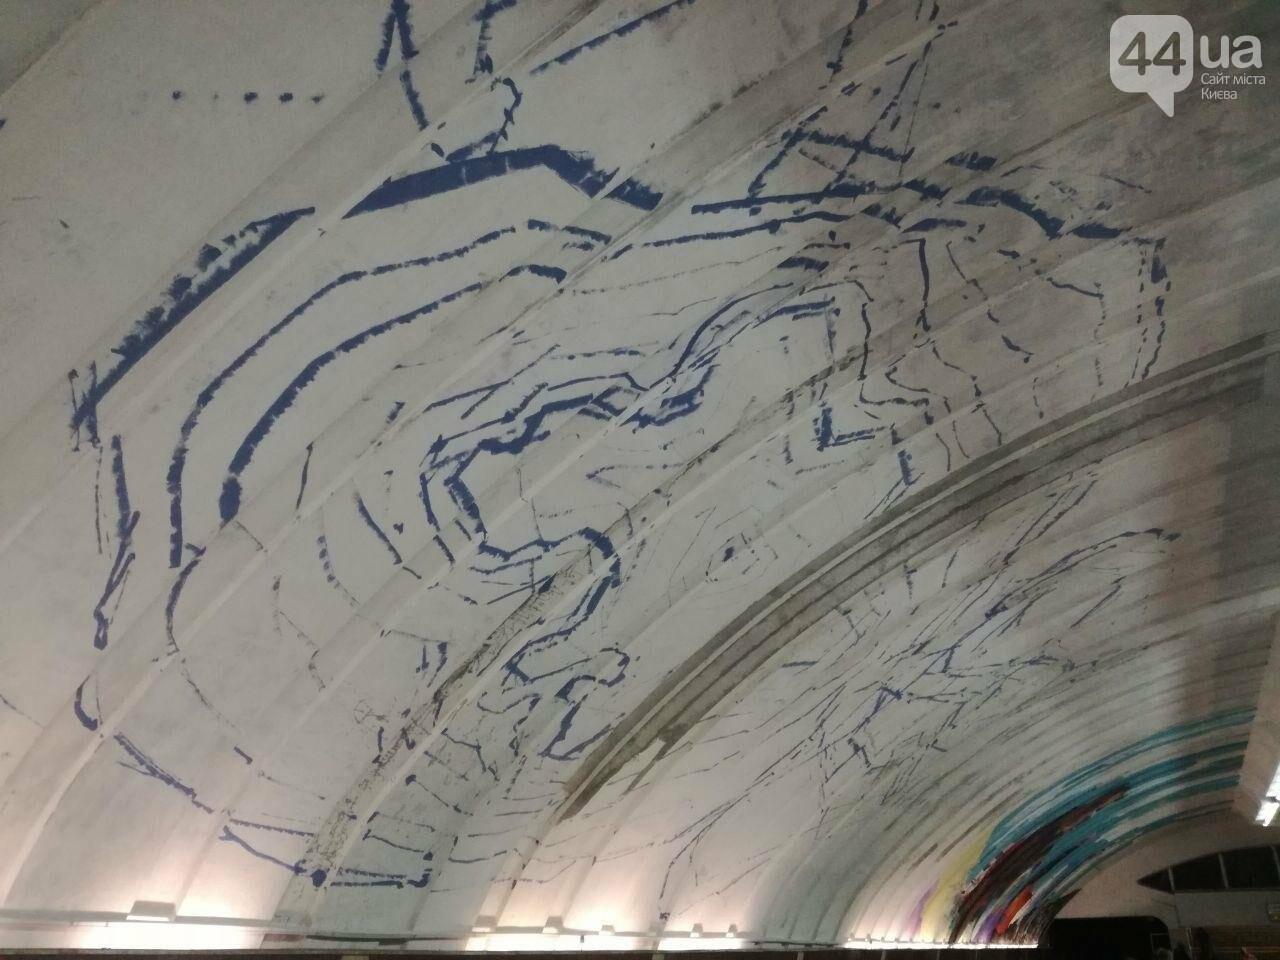 Арт-Осокорки: в столичном метро на мурале появился Ступка, фото-3